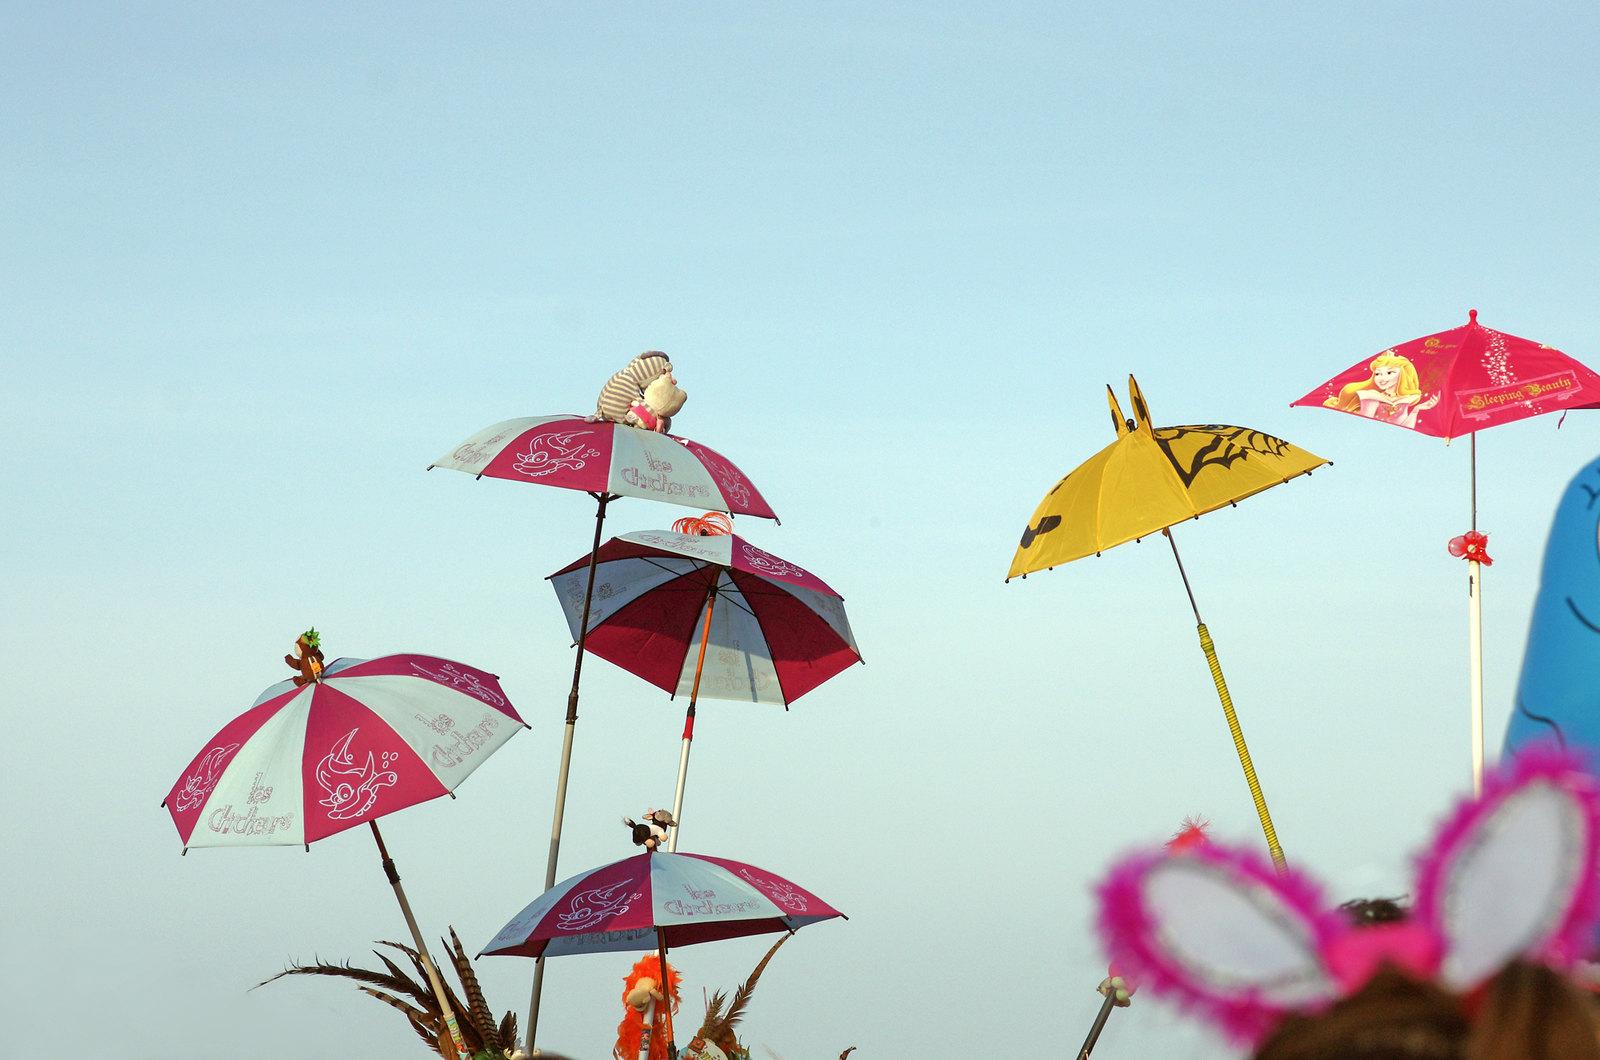 Carnaval de Dunkerque - Parapluie et ciel bleu